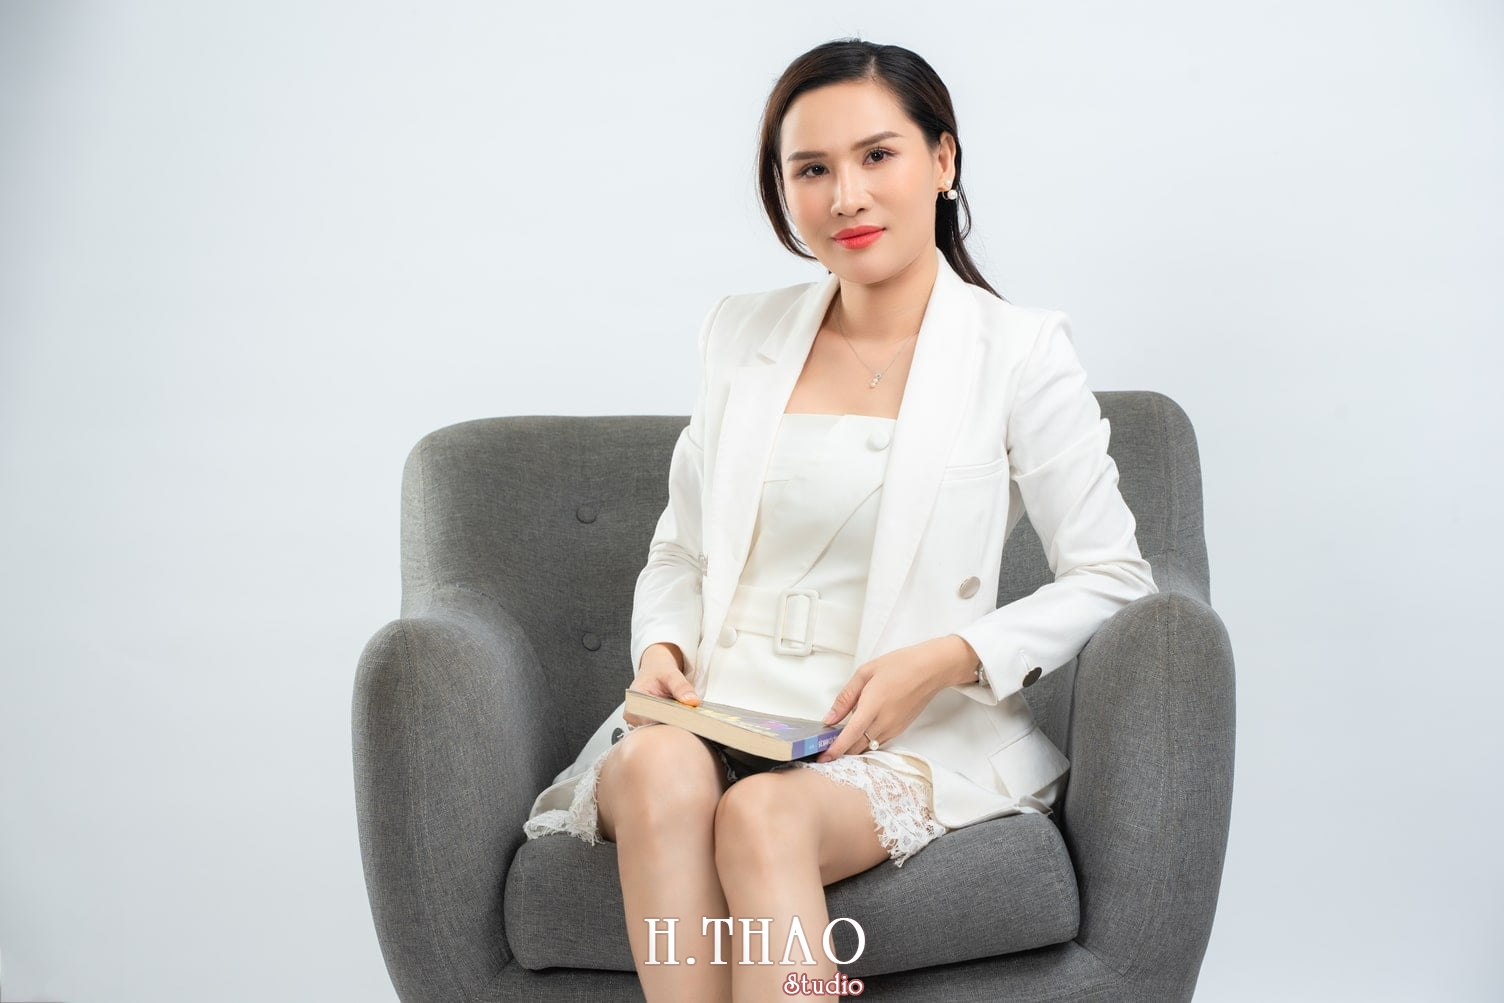 Doanh nhan nu 15 - Ảnh nữ doanh nhân bất động sản, phó TGĐ Express Ms.Nho – HThao Studio